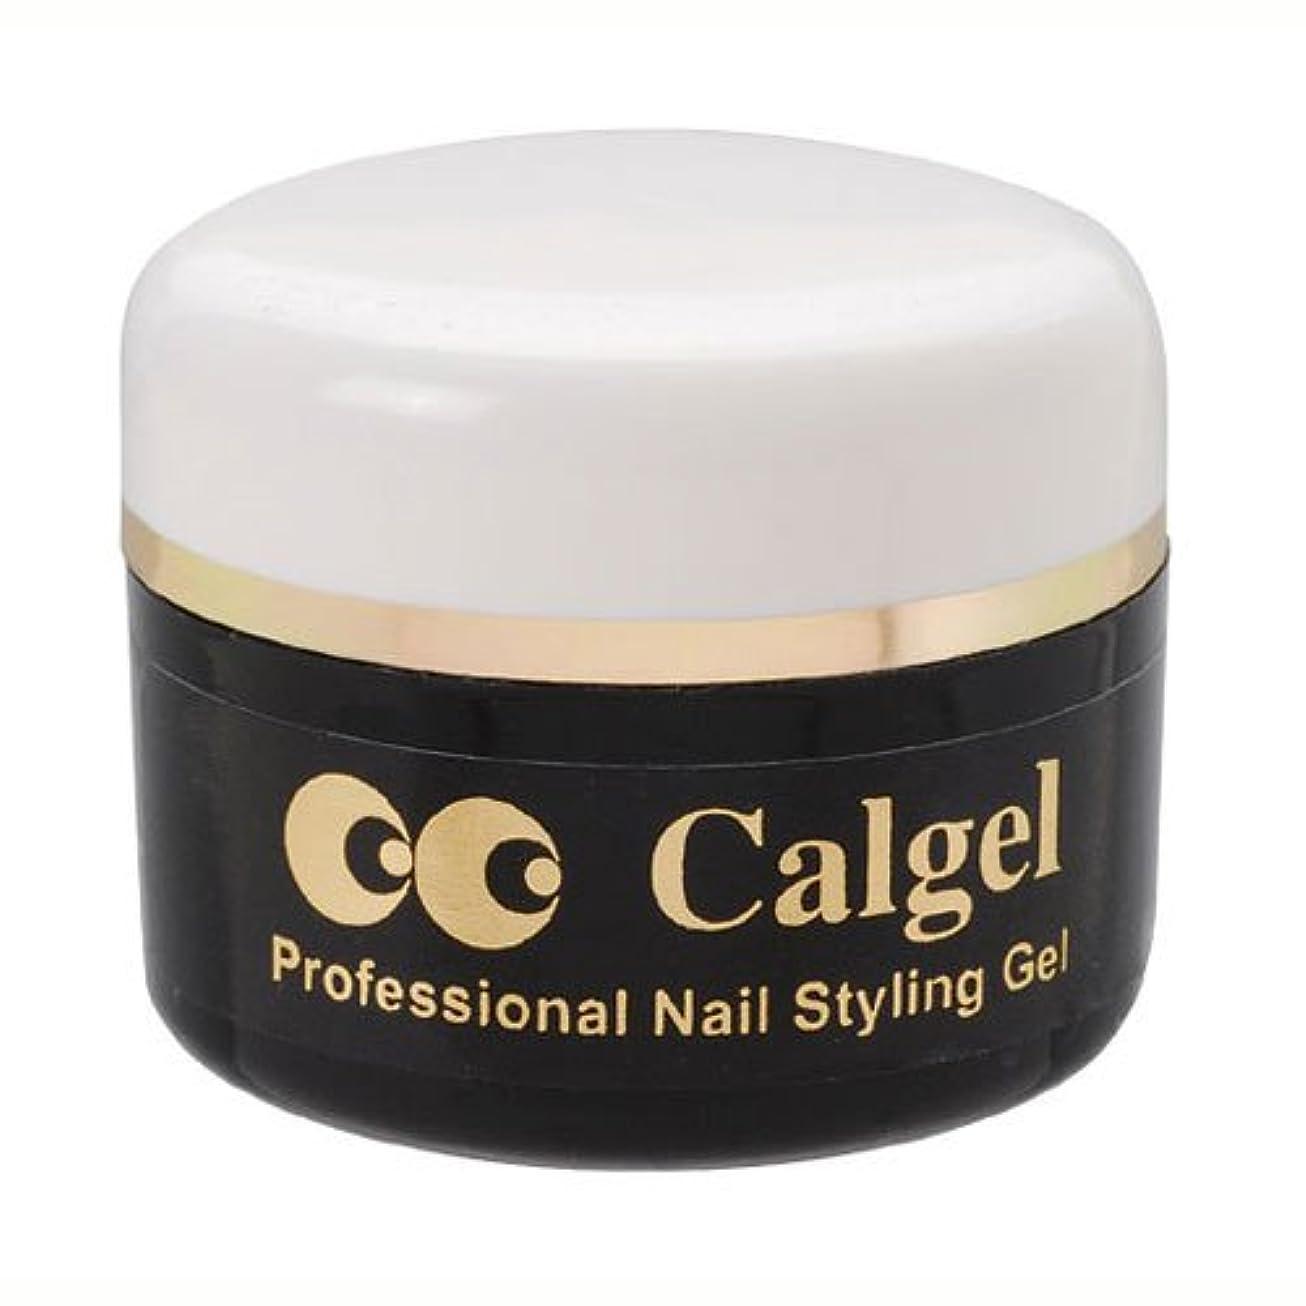 小麦粉改修する偽善Calgel クリアジェル 10g CG0 ベース/トップジェル